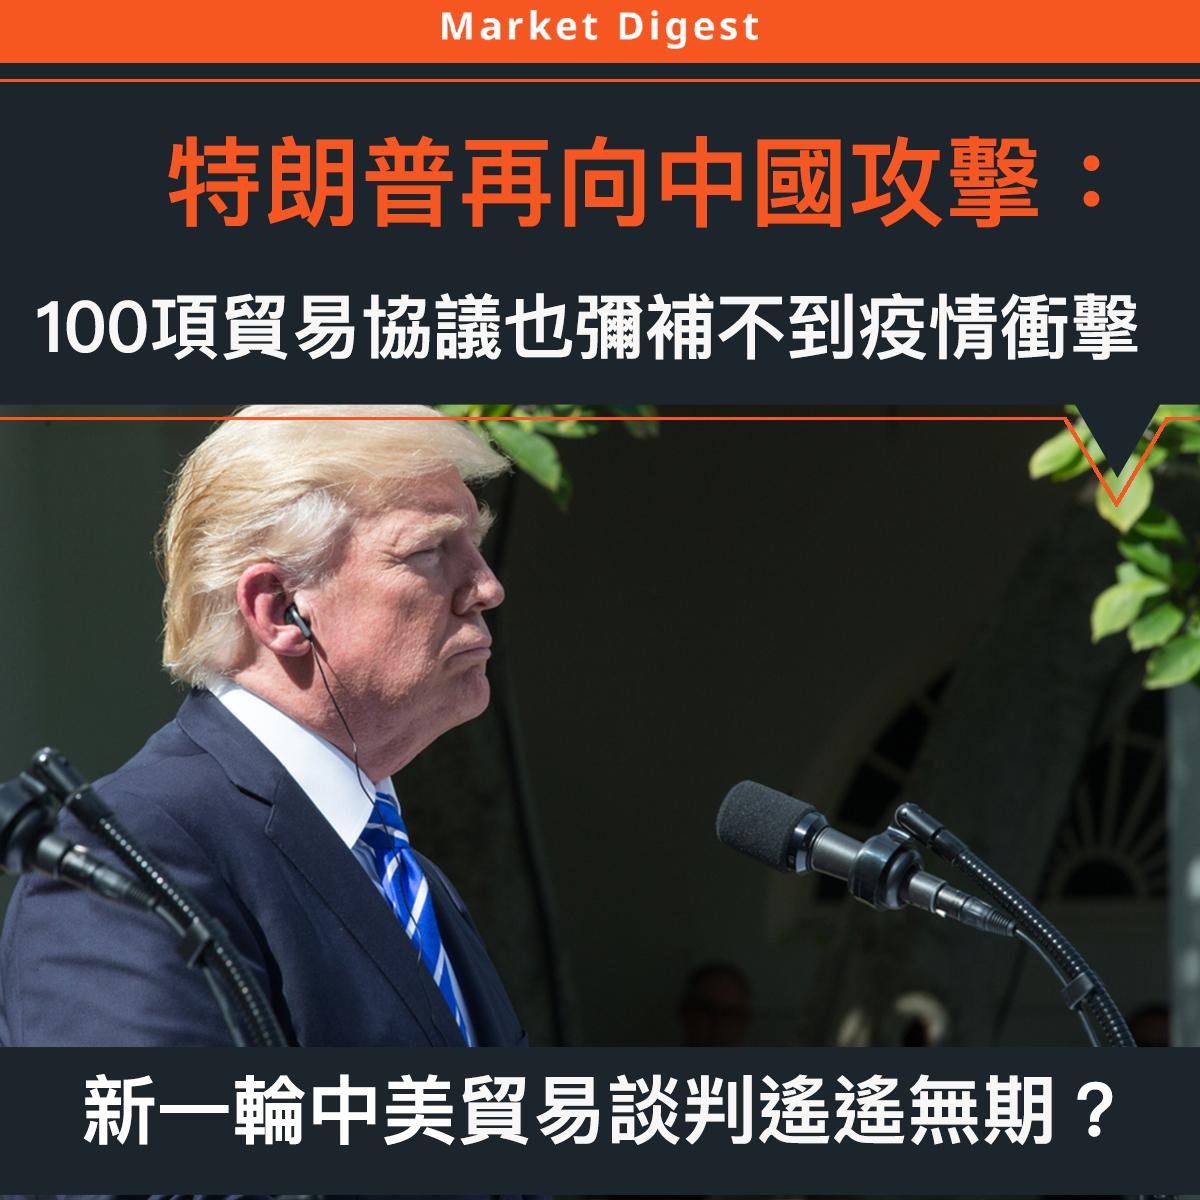 【市場熱話】特朗普:100項的中美貿易協議也彌補不到疫情衝擊